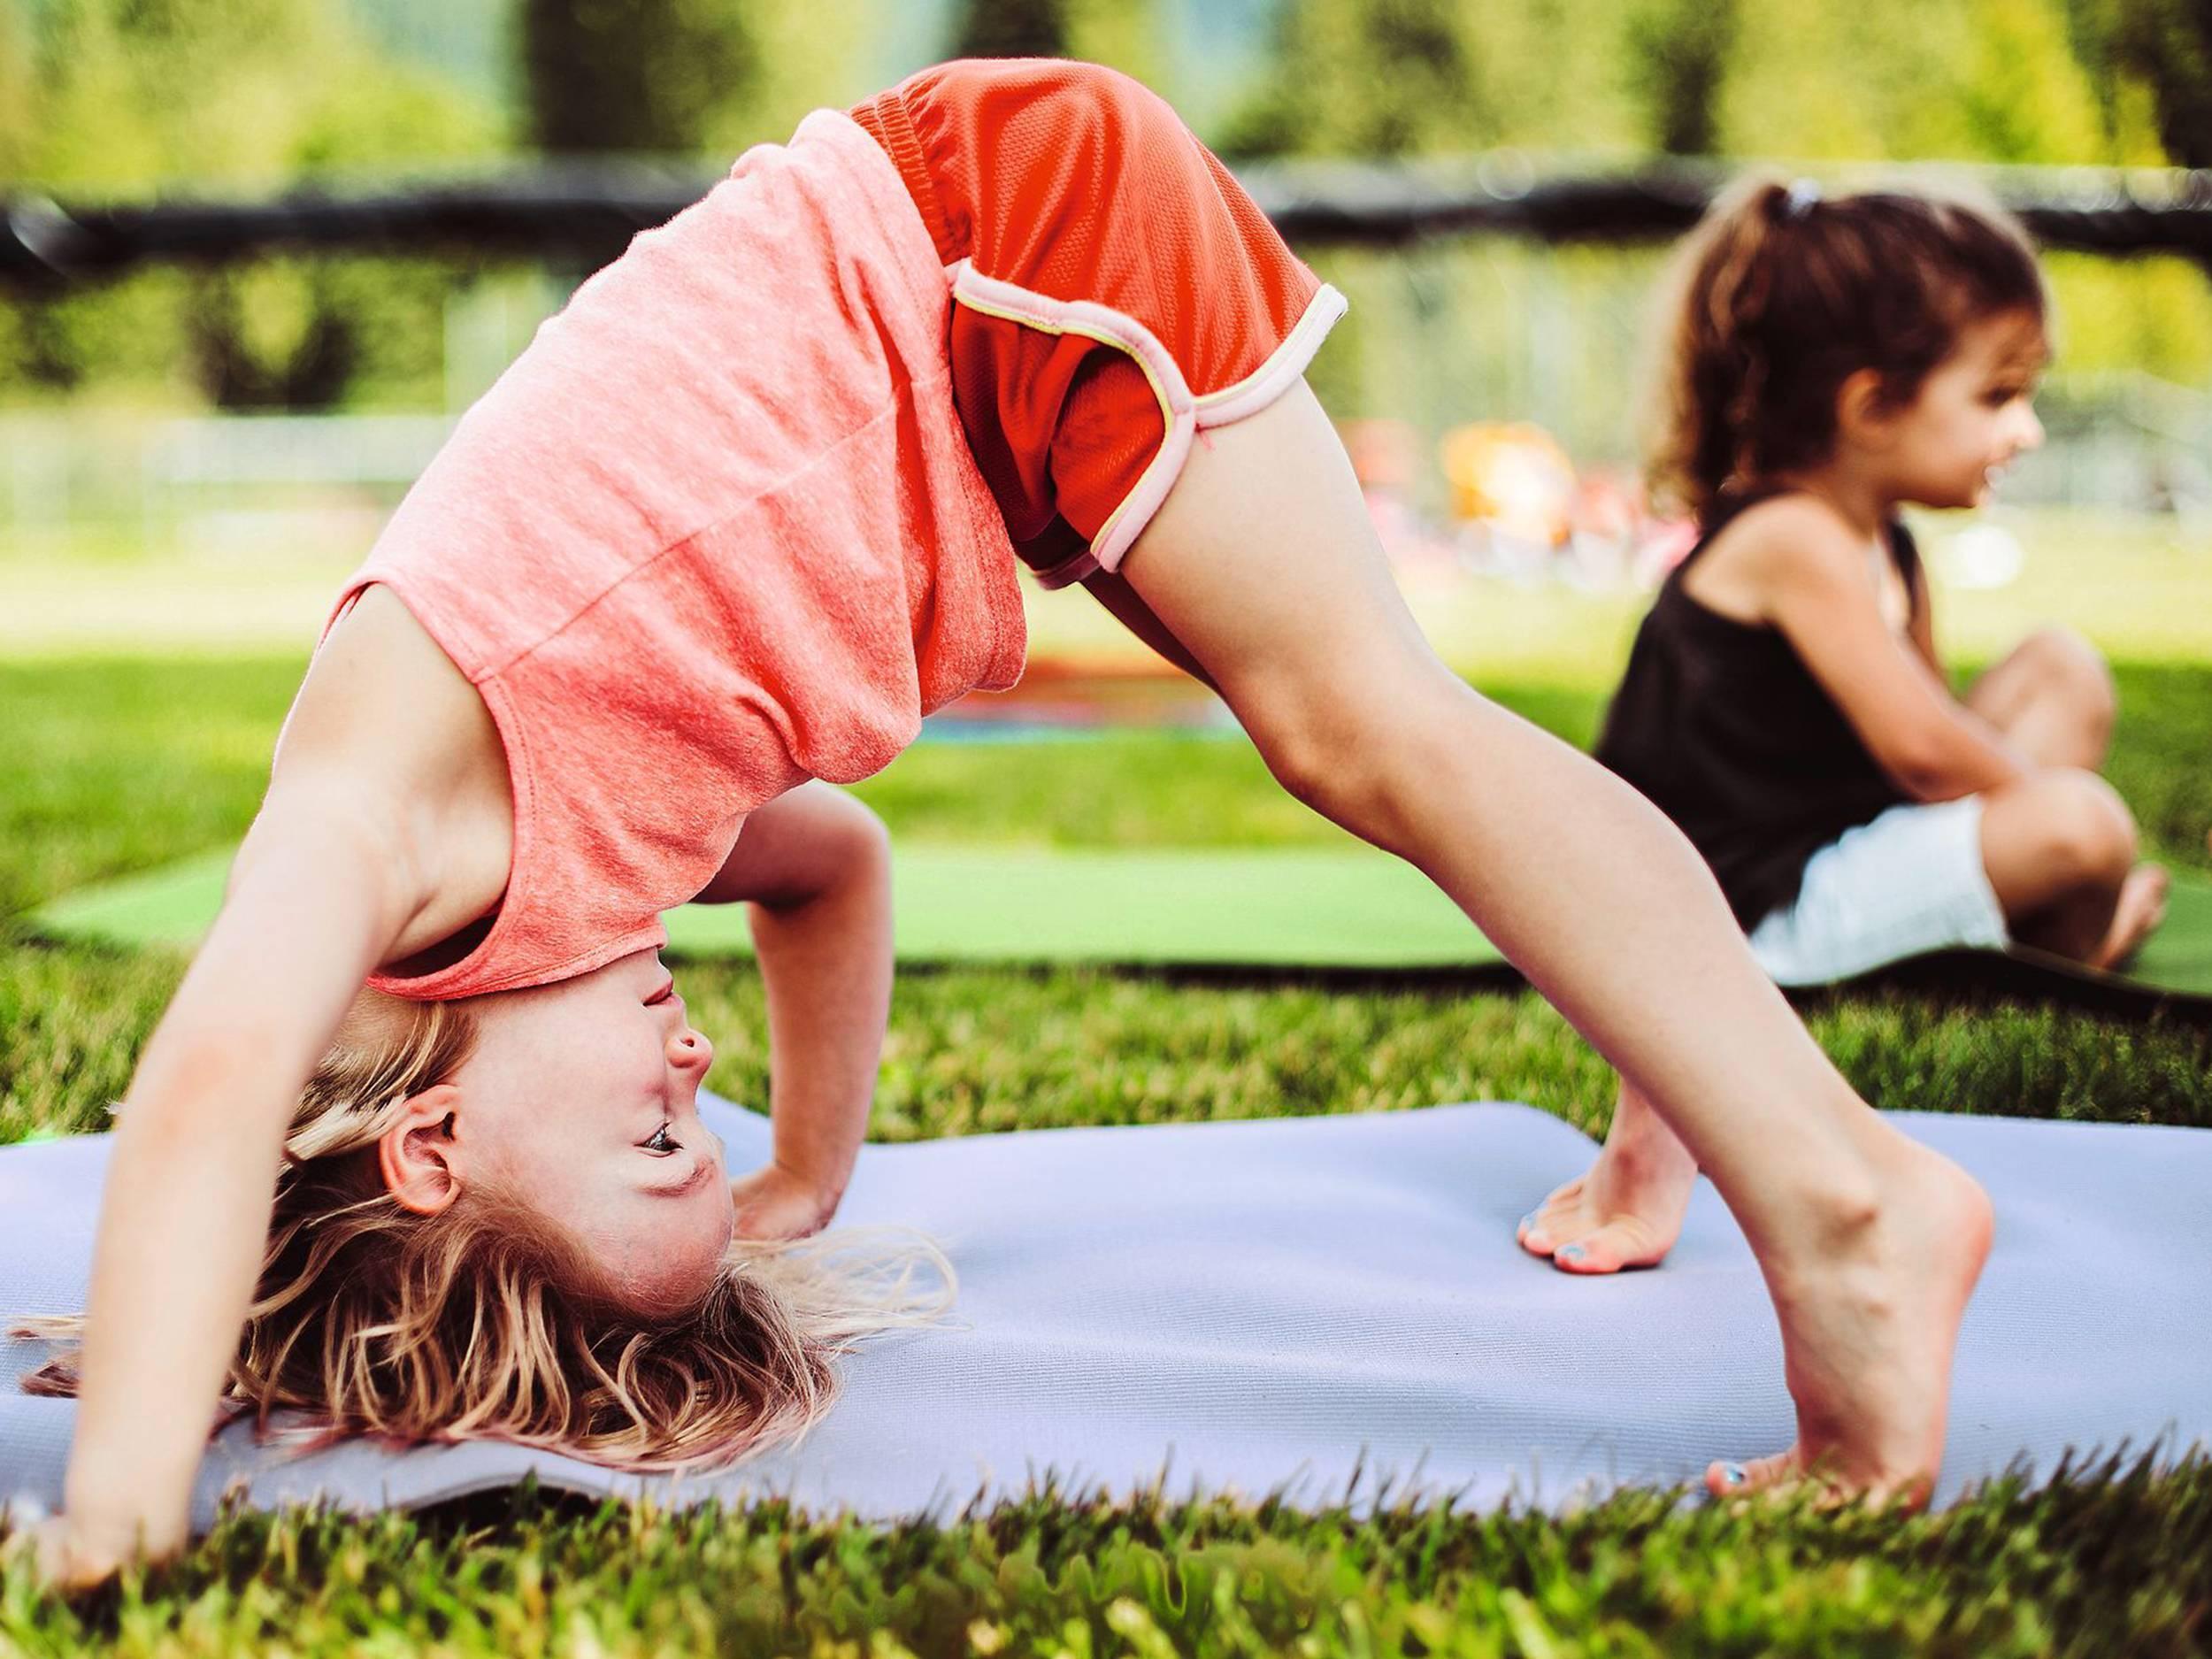 Йога для детей: польза, позы для ребенка, упражнения, противопоказания   активная мама